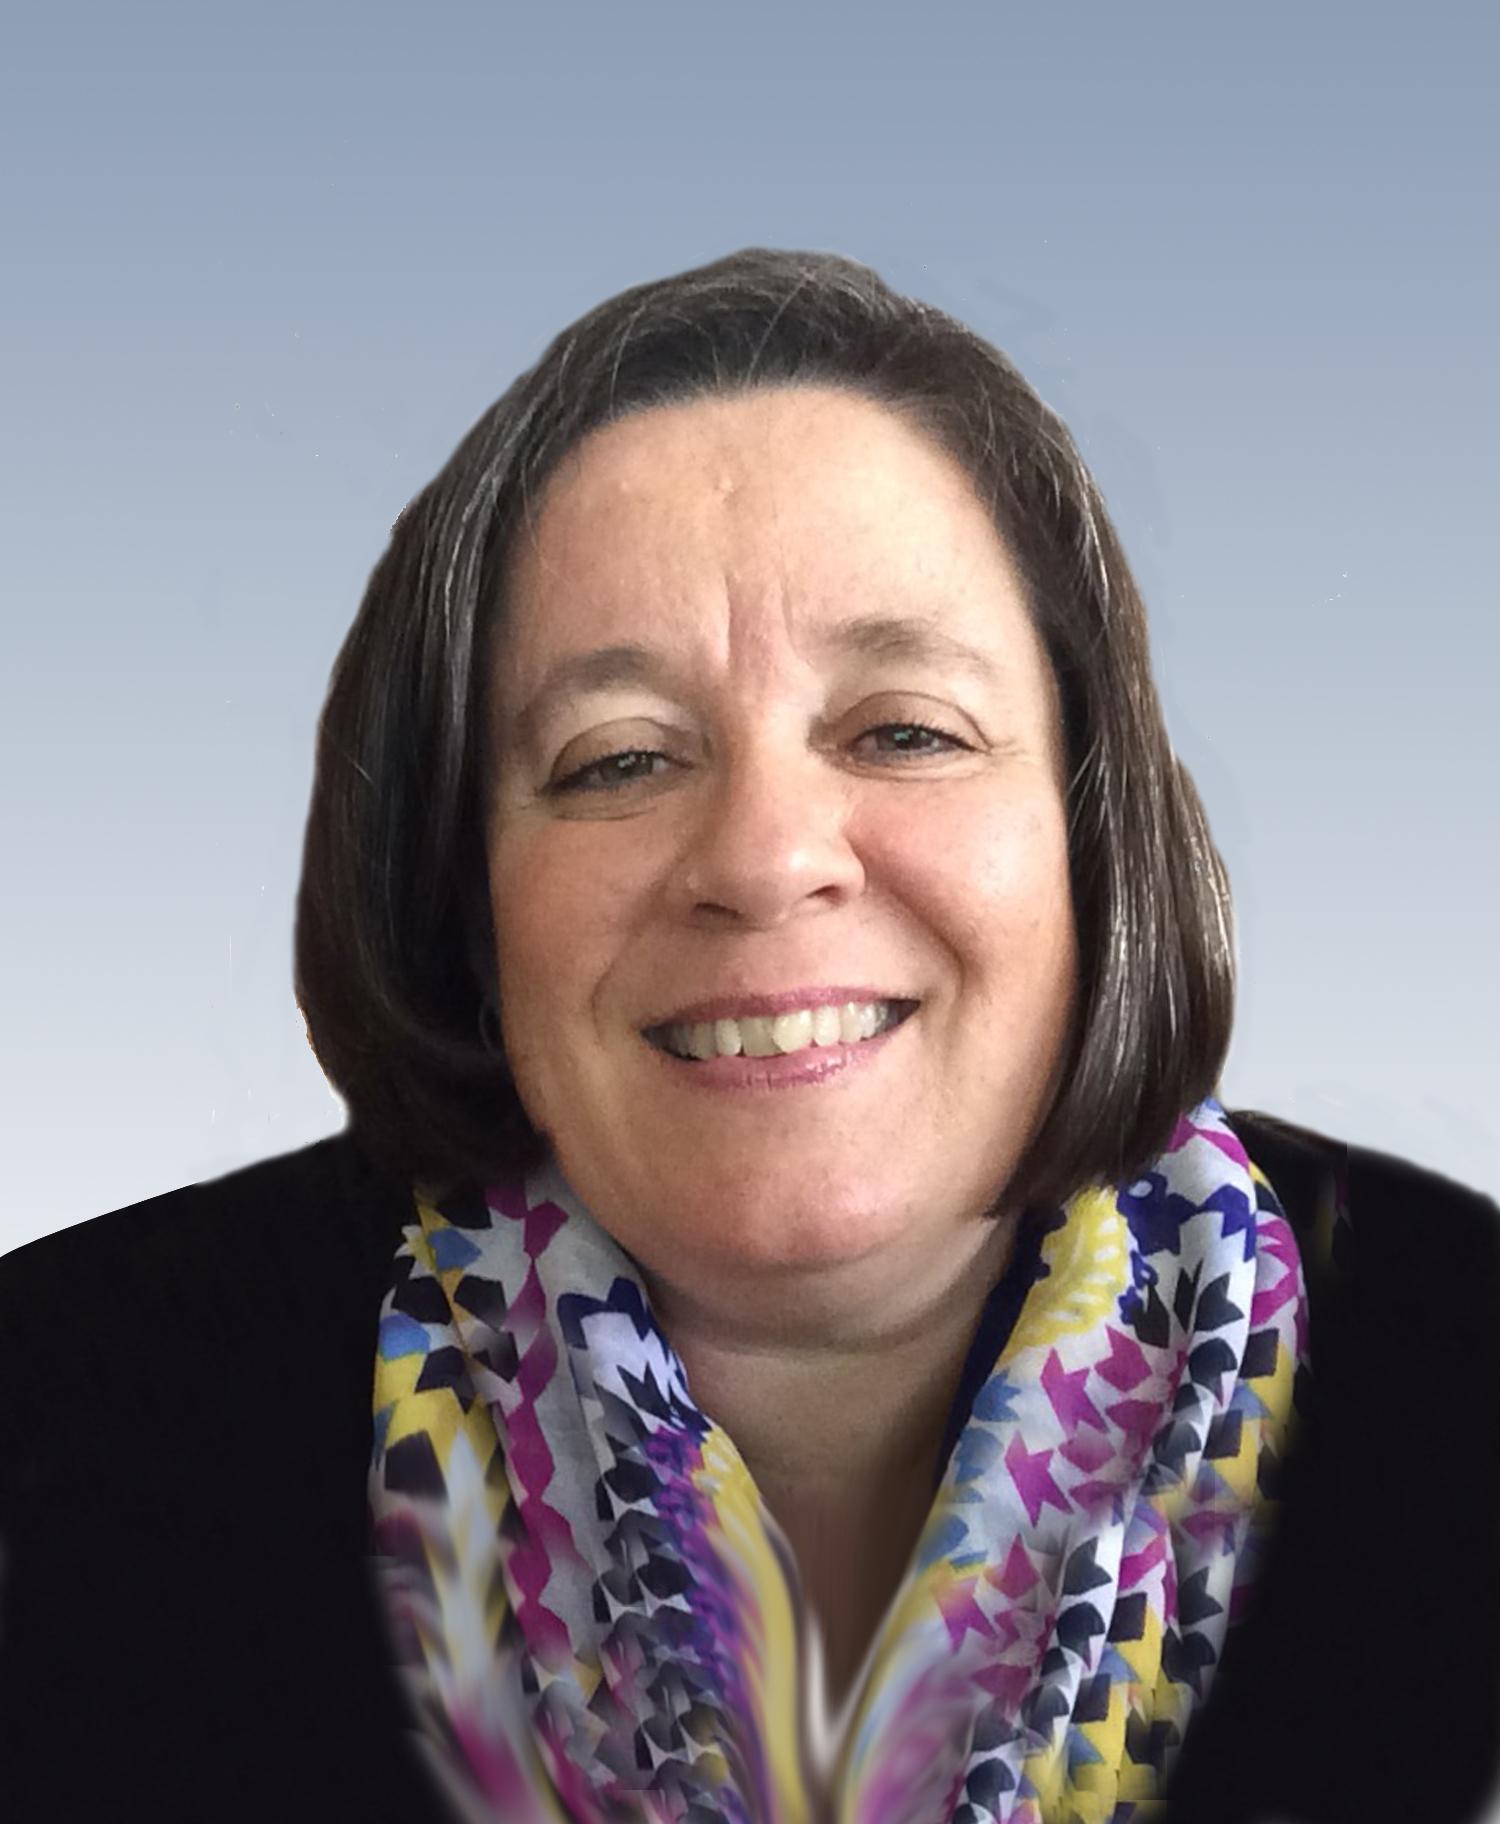 Natalie Boshoff